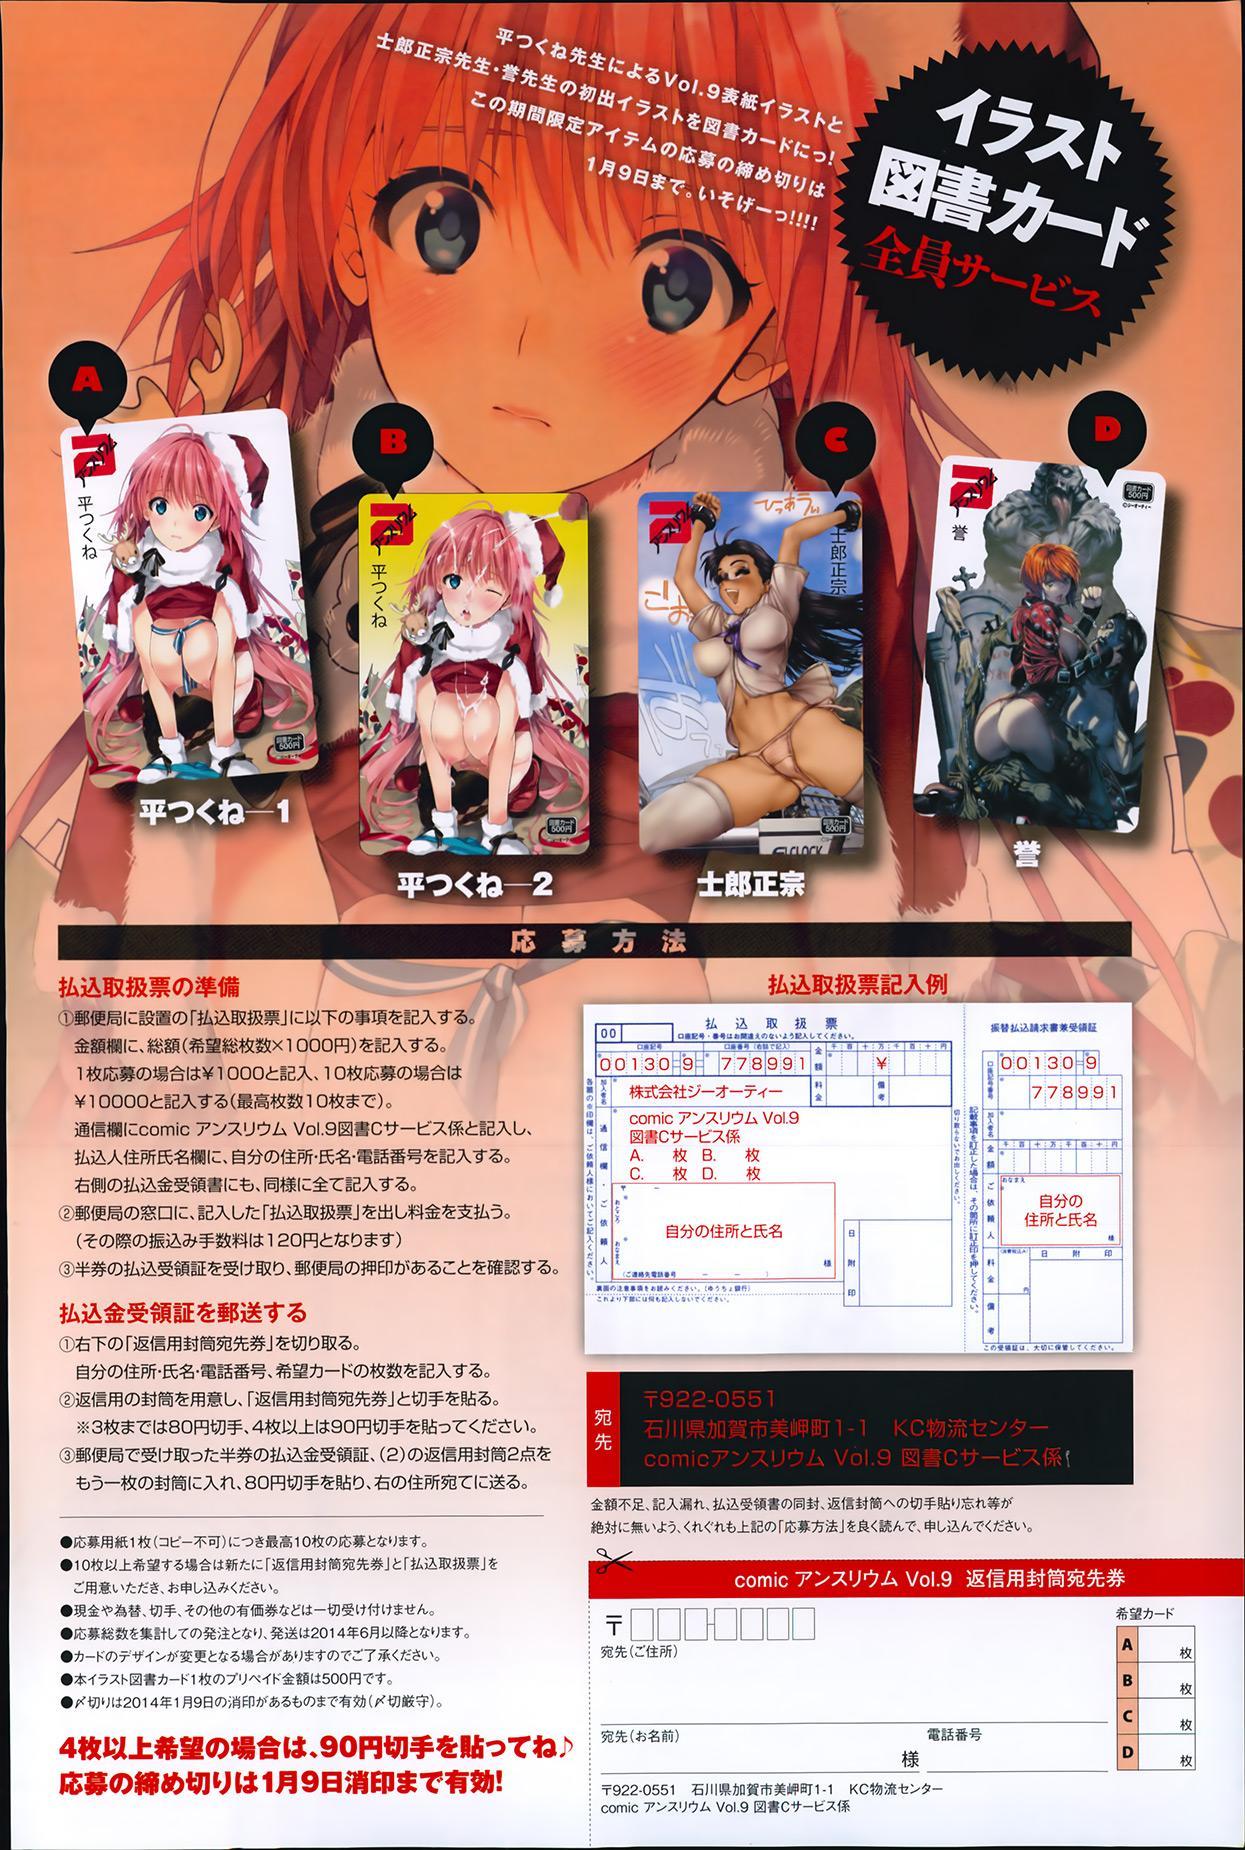 Comic Anthurium 009 2014-01 398